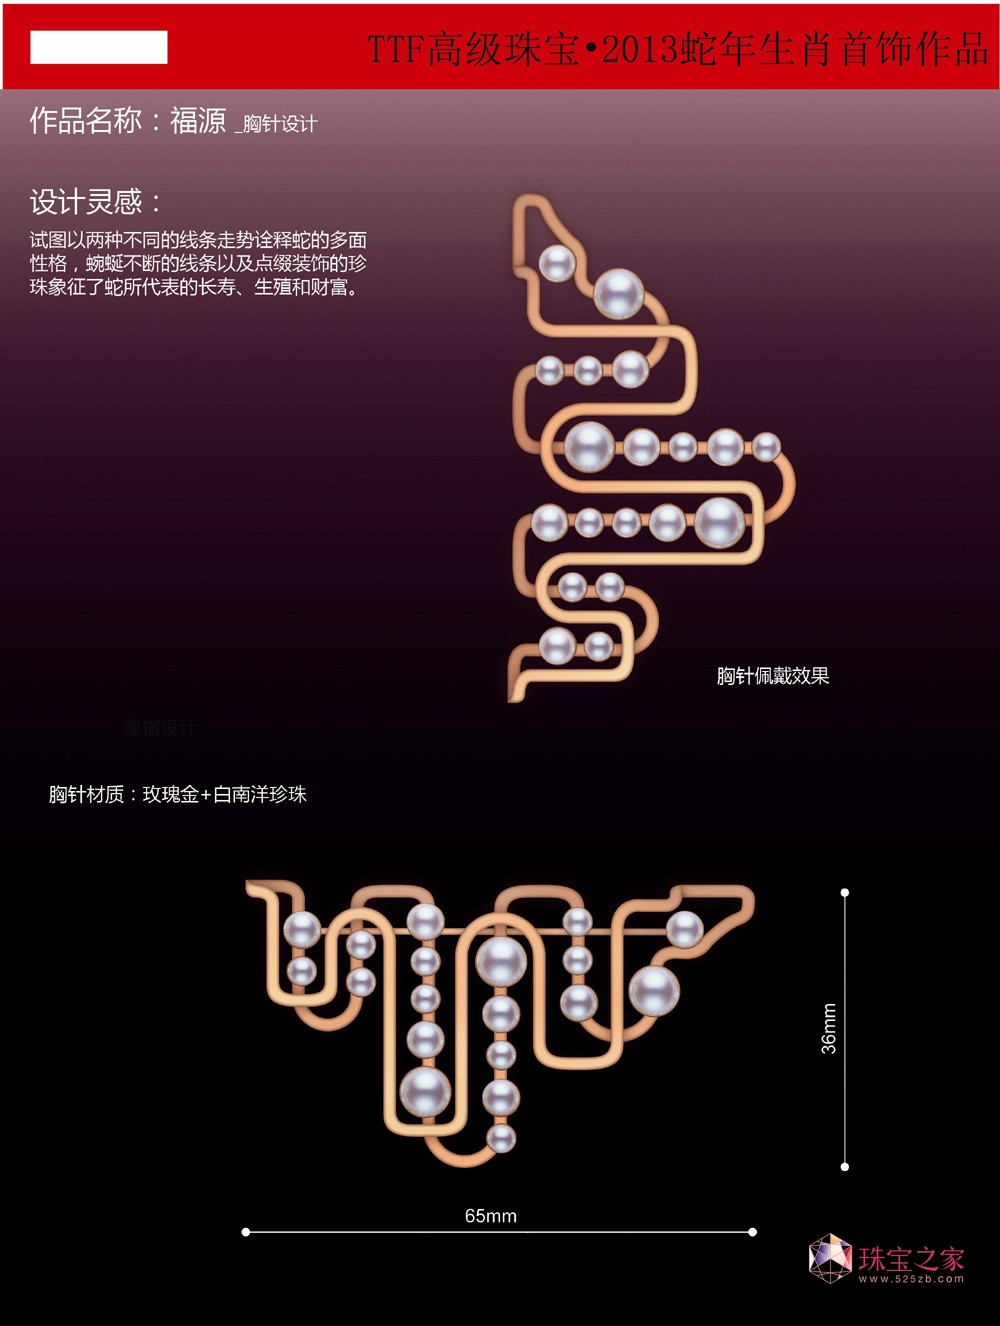 ttf高级珠宝612013蛇年生肖首饰设计作品征集获奖名单揭晓